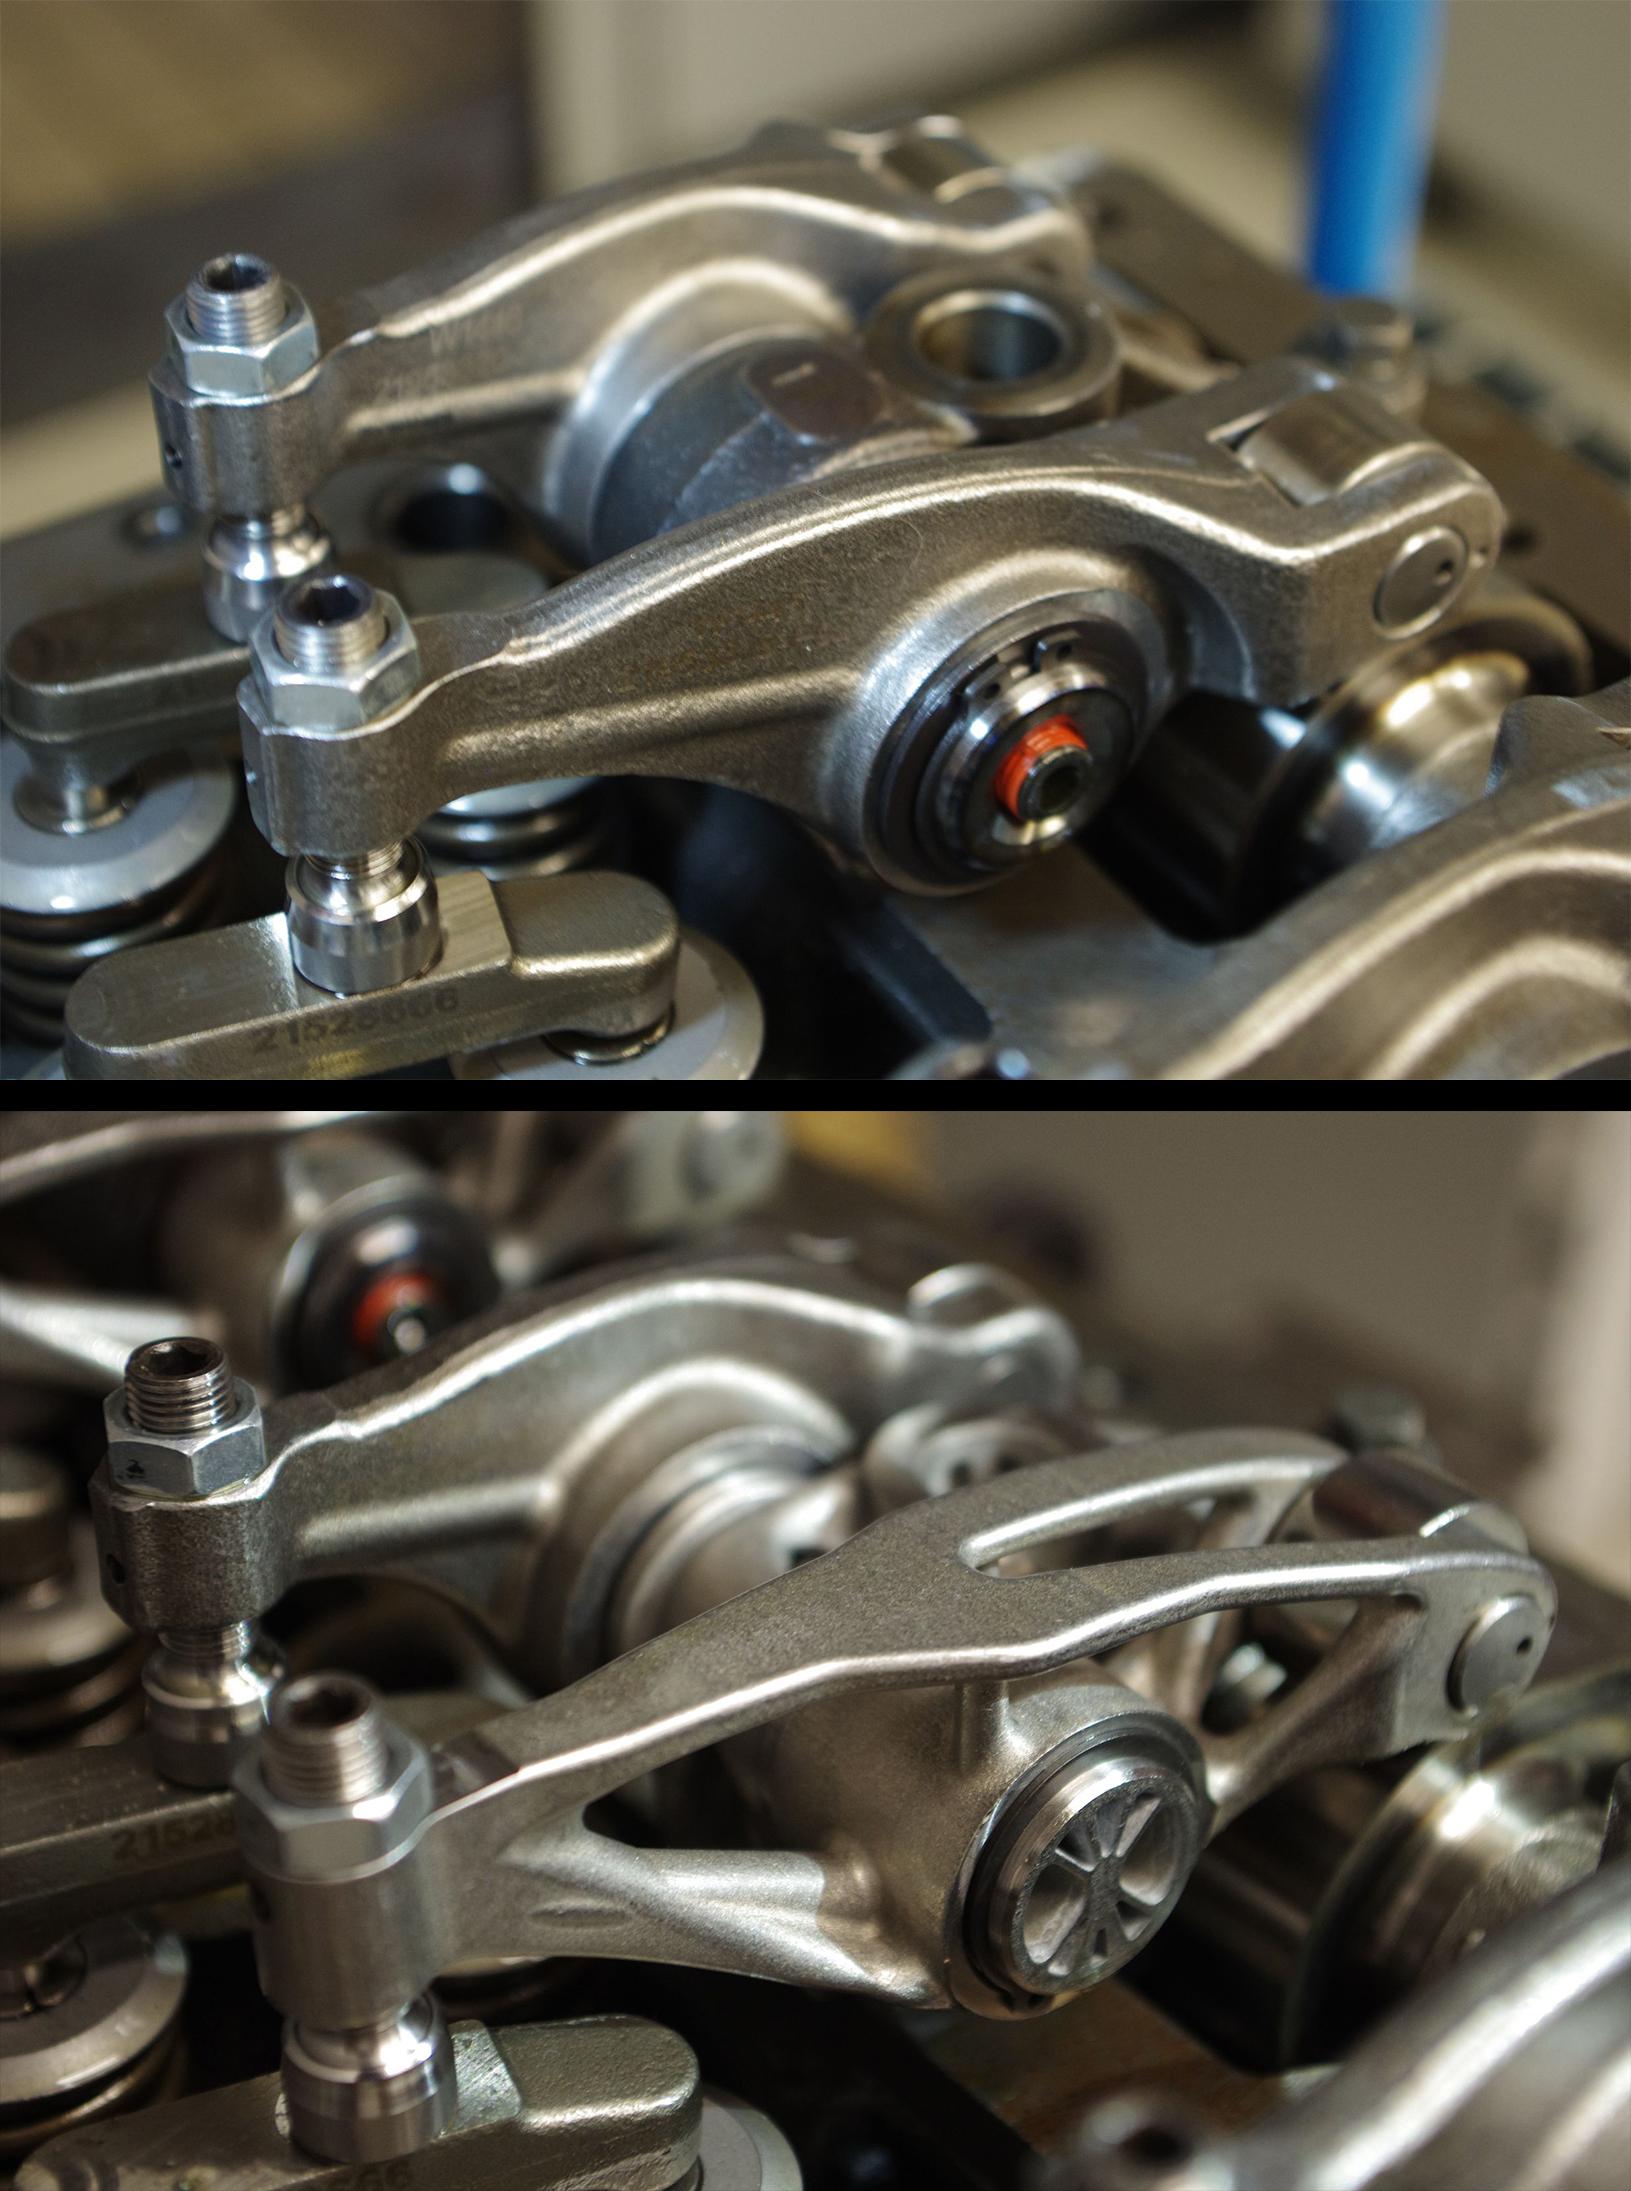 Renault Trucks arbeitet derzeit an einem additiven Fertigungsverfahren im Bereich 3D-Metall-Druck, das völlig neue Möglichkeiten im Bereich der Motorenentwicklung bietet.